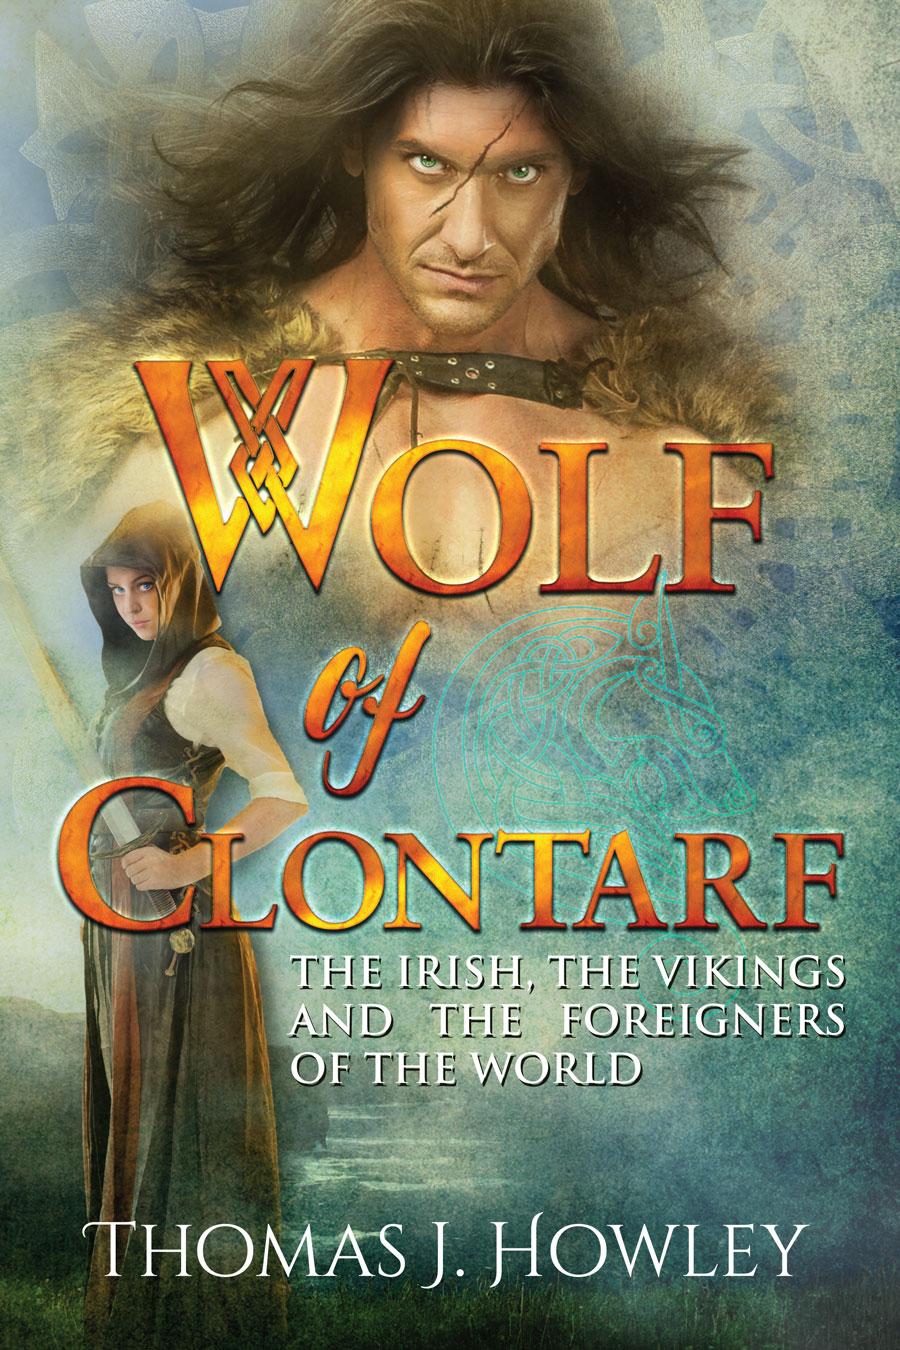 Wolf of Clontarf